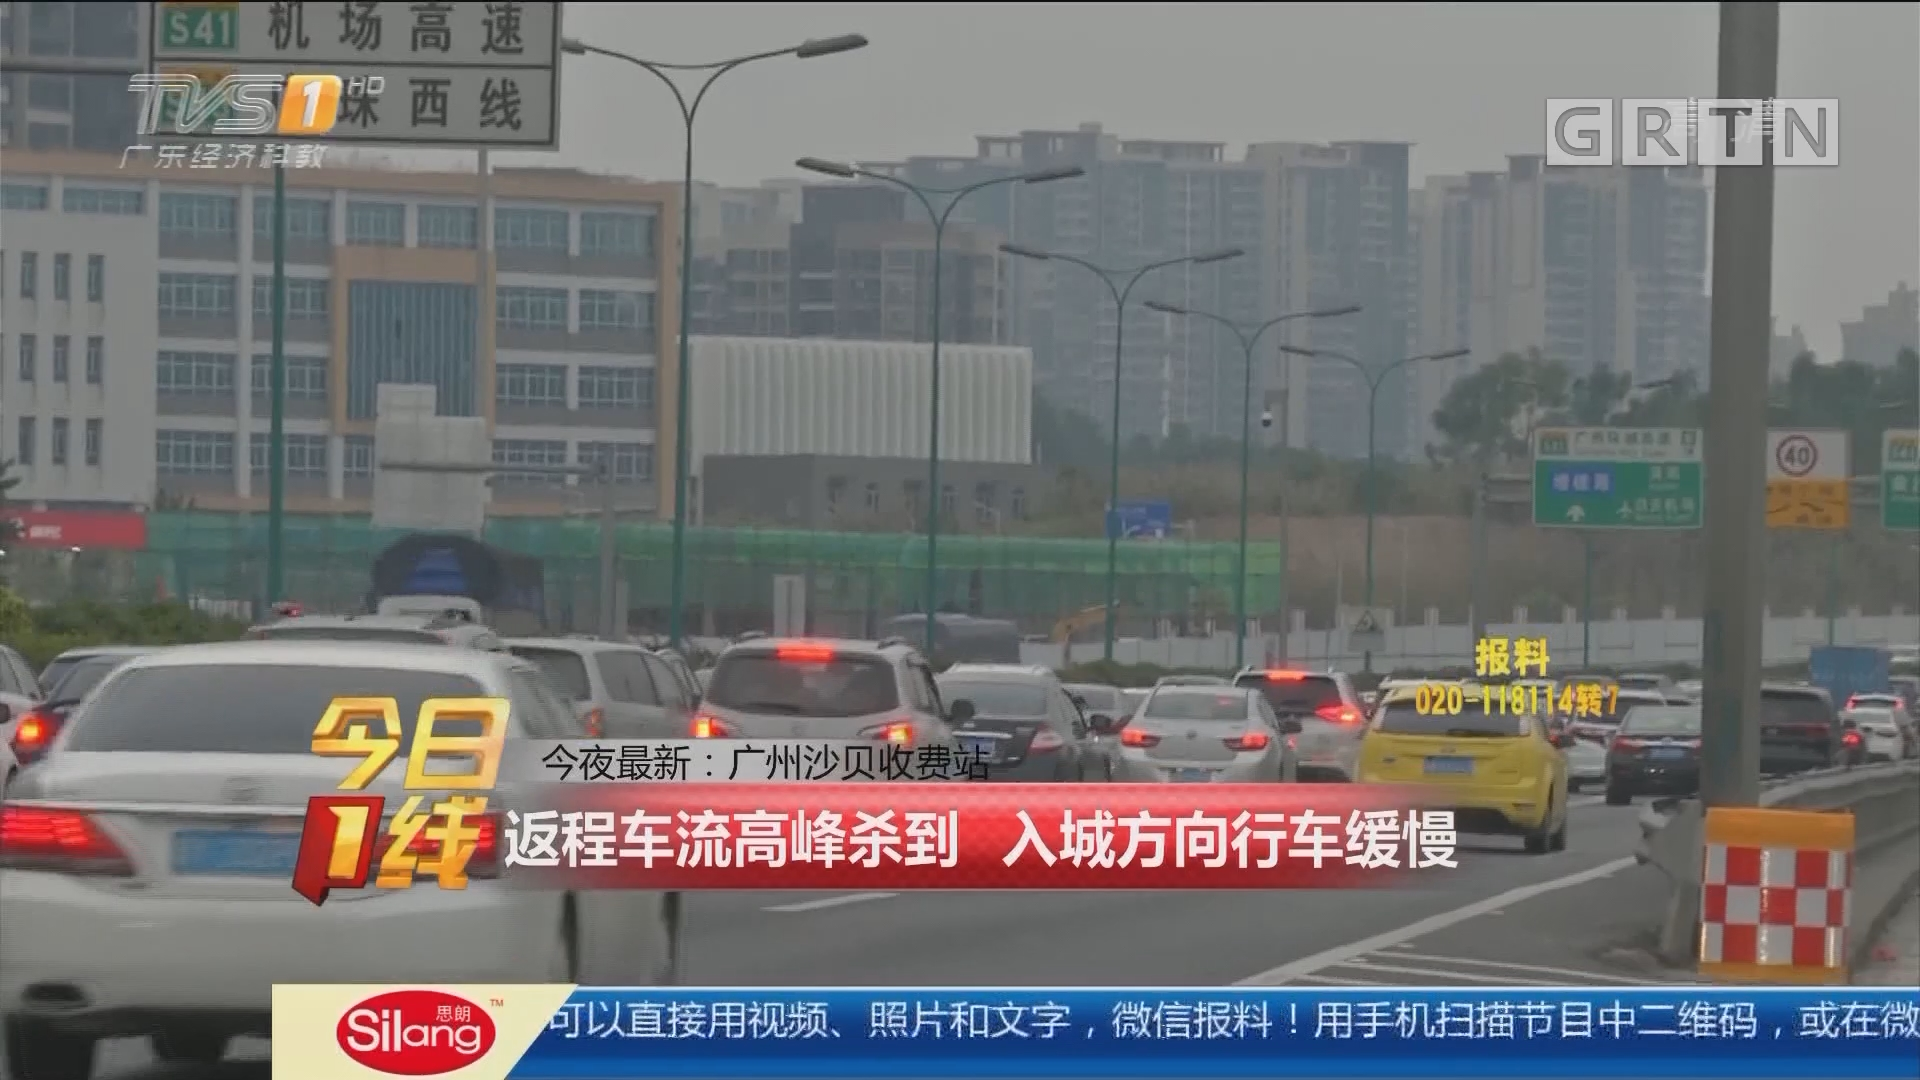 今夜最新:广州沙贝收费站 返程车流高峰杀到 入城方向行车缓慢